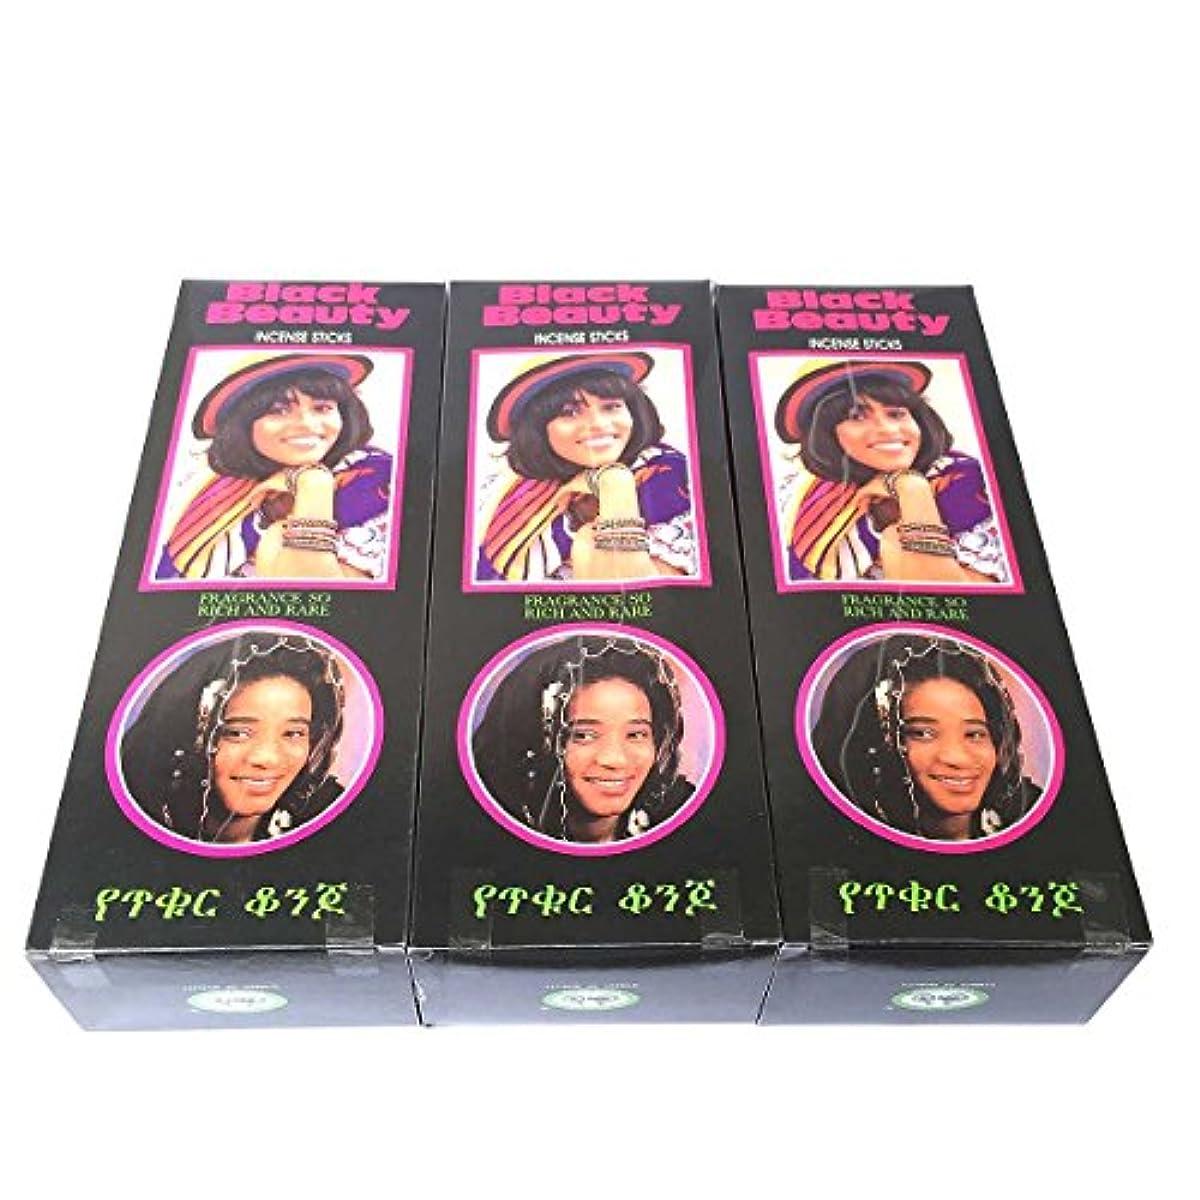 ブラックビューティー香スティック 3BOX(18箱) /CYCLE BLACK BEAUTY/インセンス/インド香 お香 [並行輸入品]